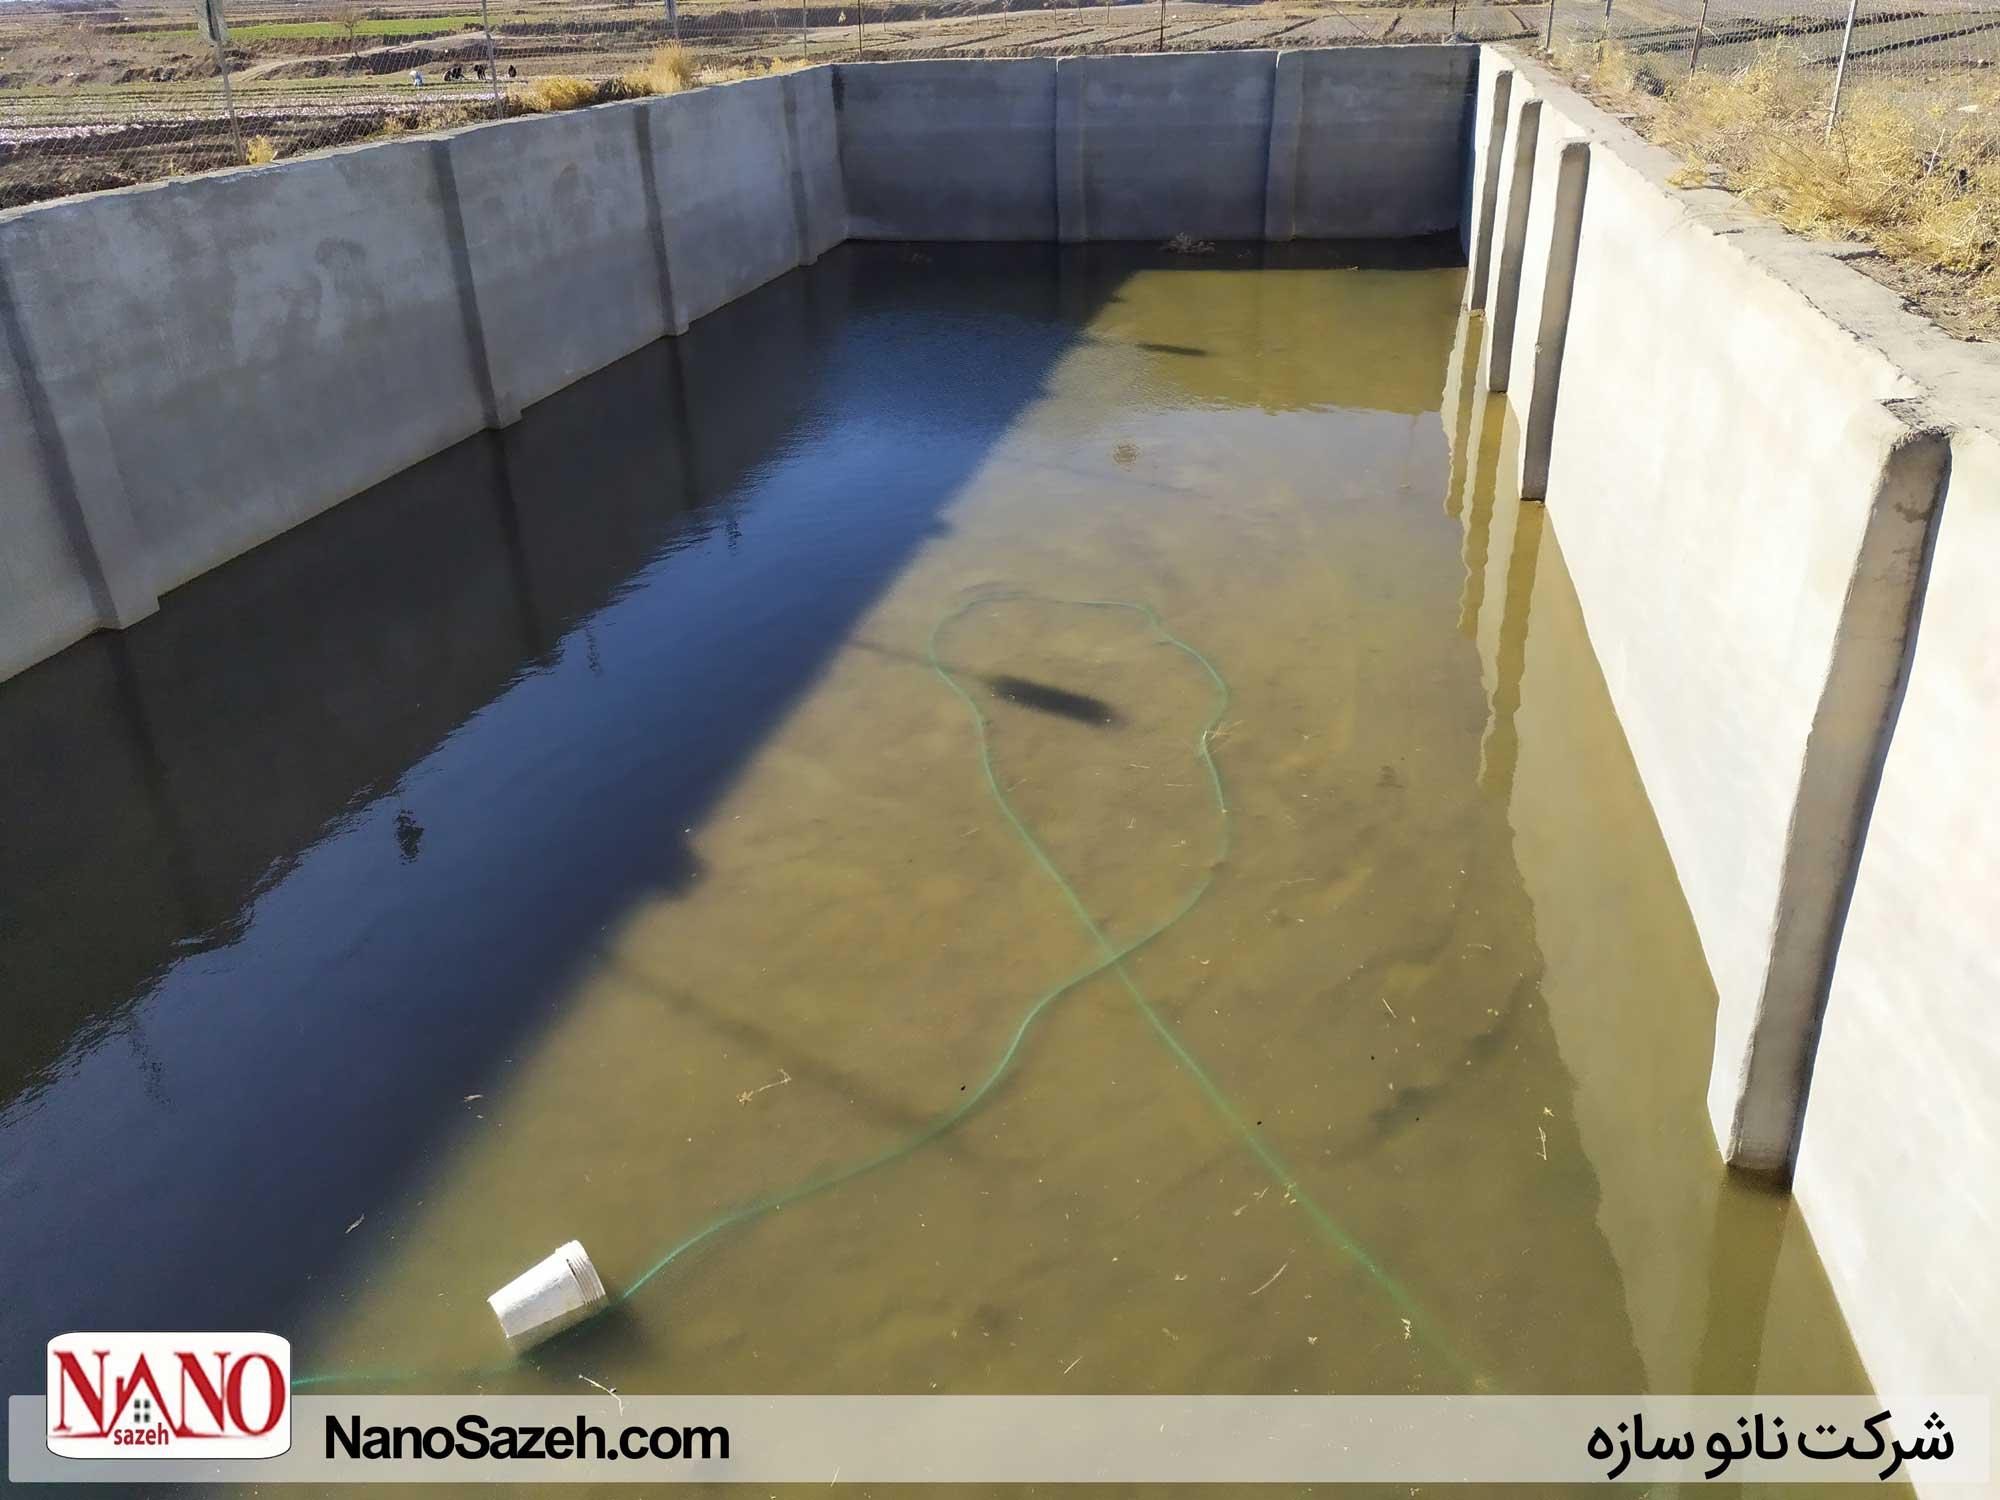 استخر ذخیره آب که بامشکل کاهش آب و جلبک زیاد مواجه بود